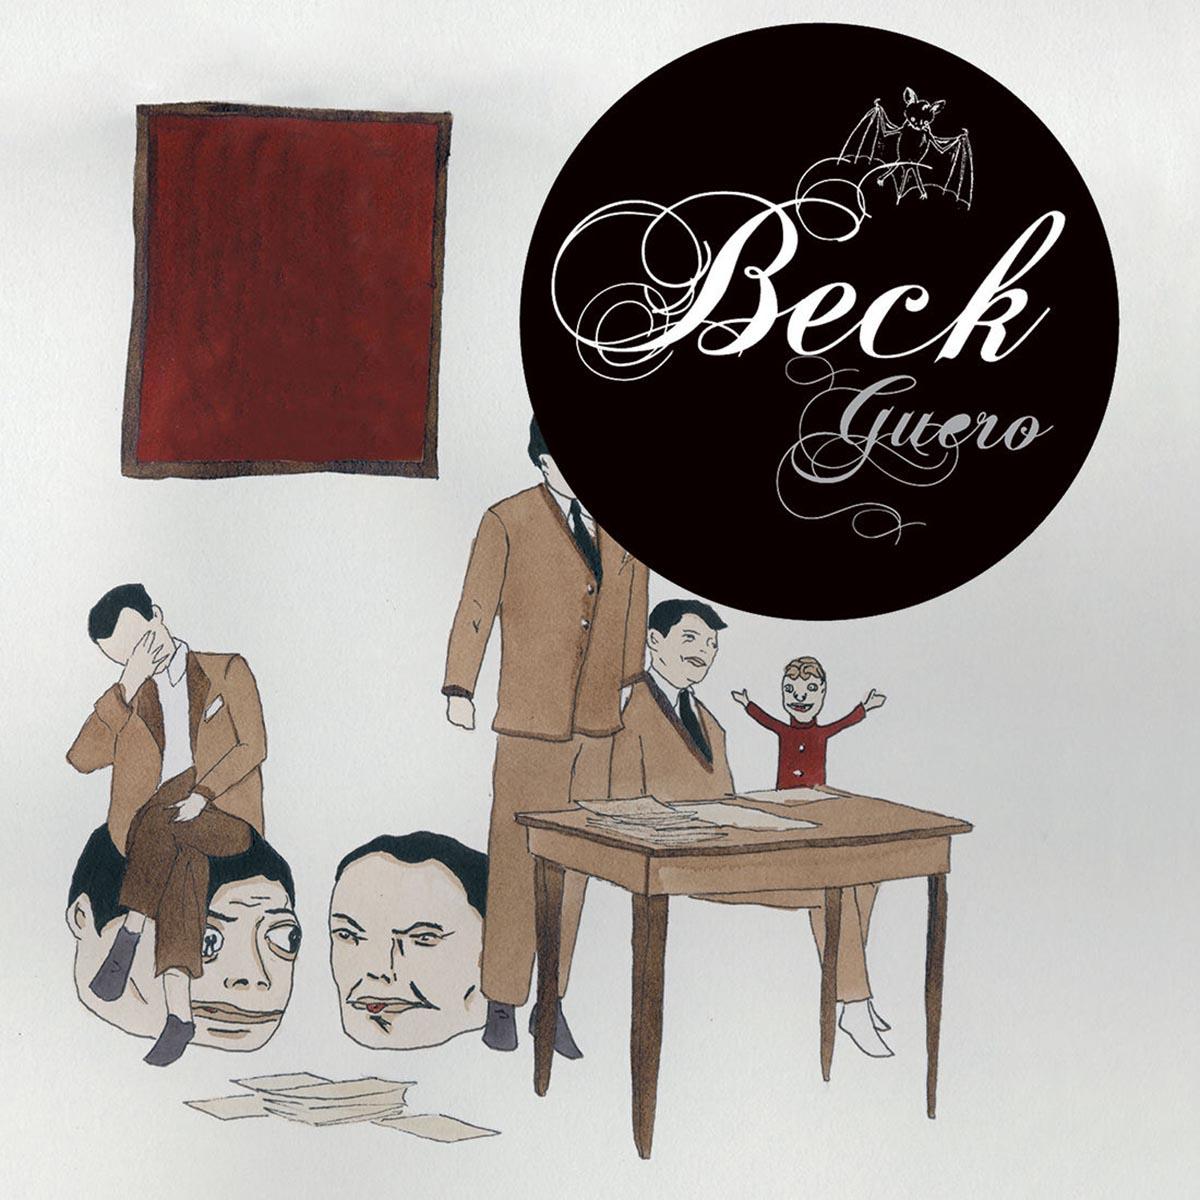 Beck, Guero